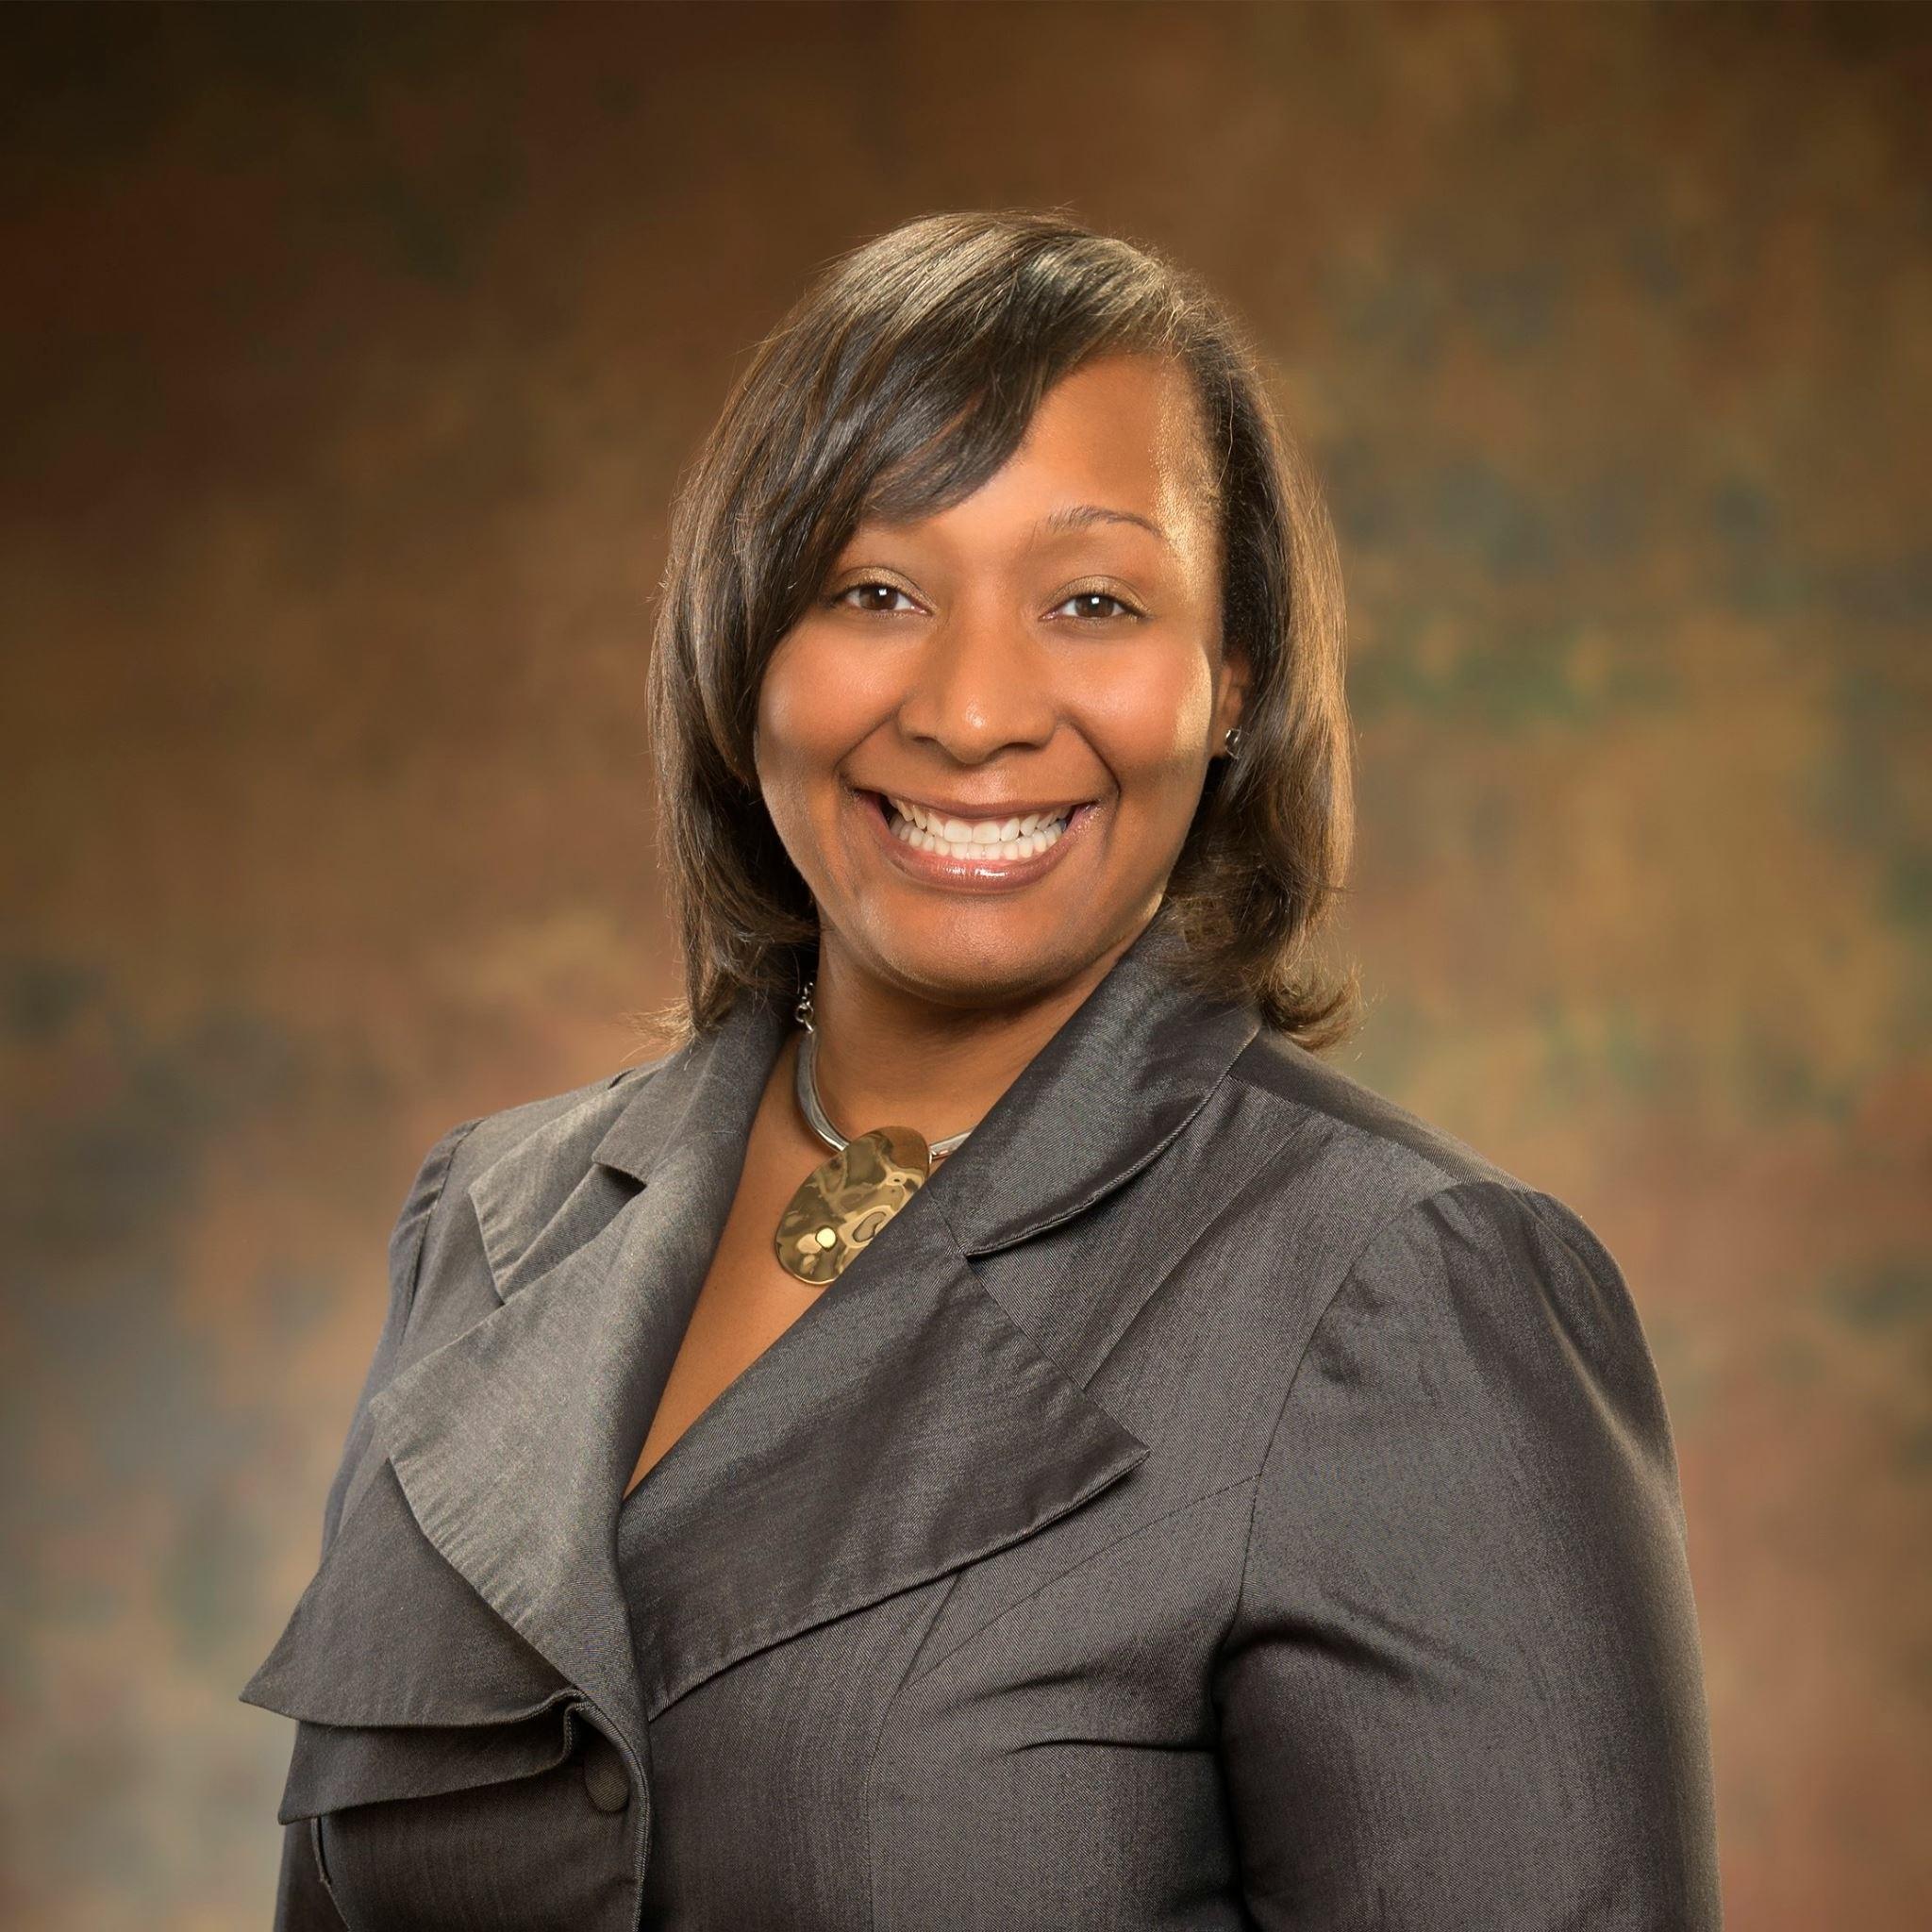 New #MCSMN Bronze Fellow: Dr. Katherine Y. Brown